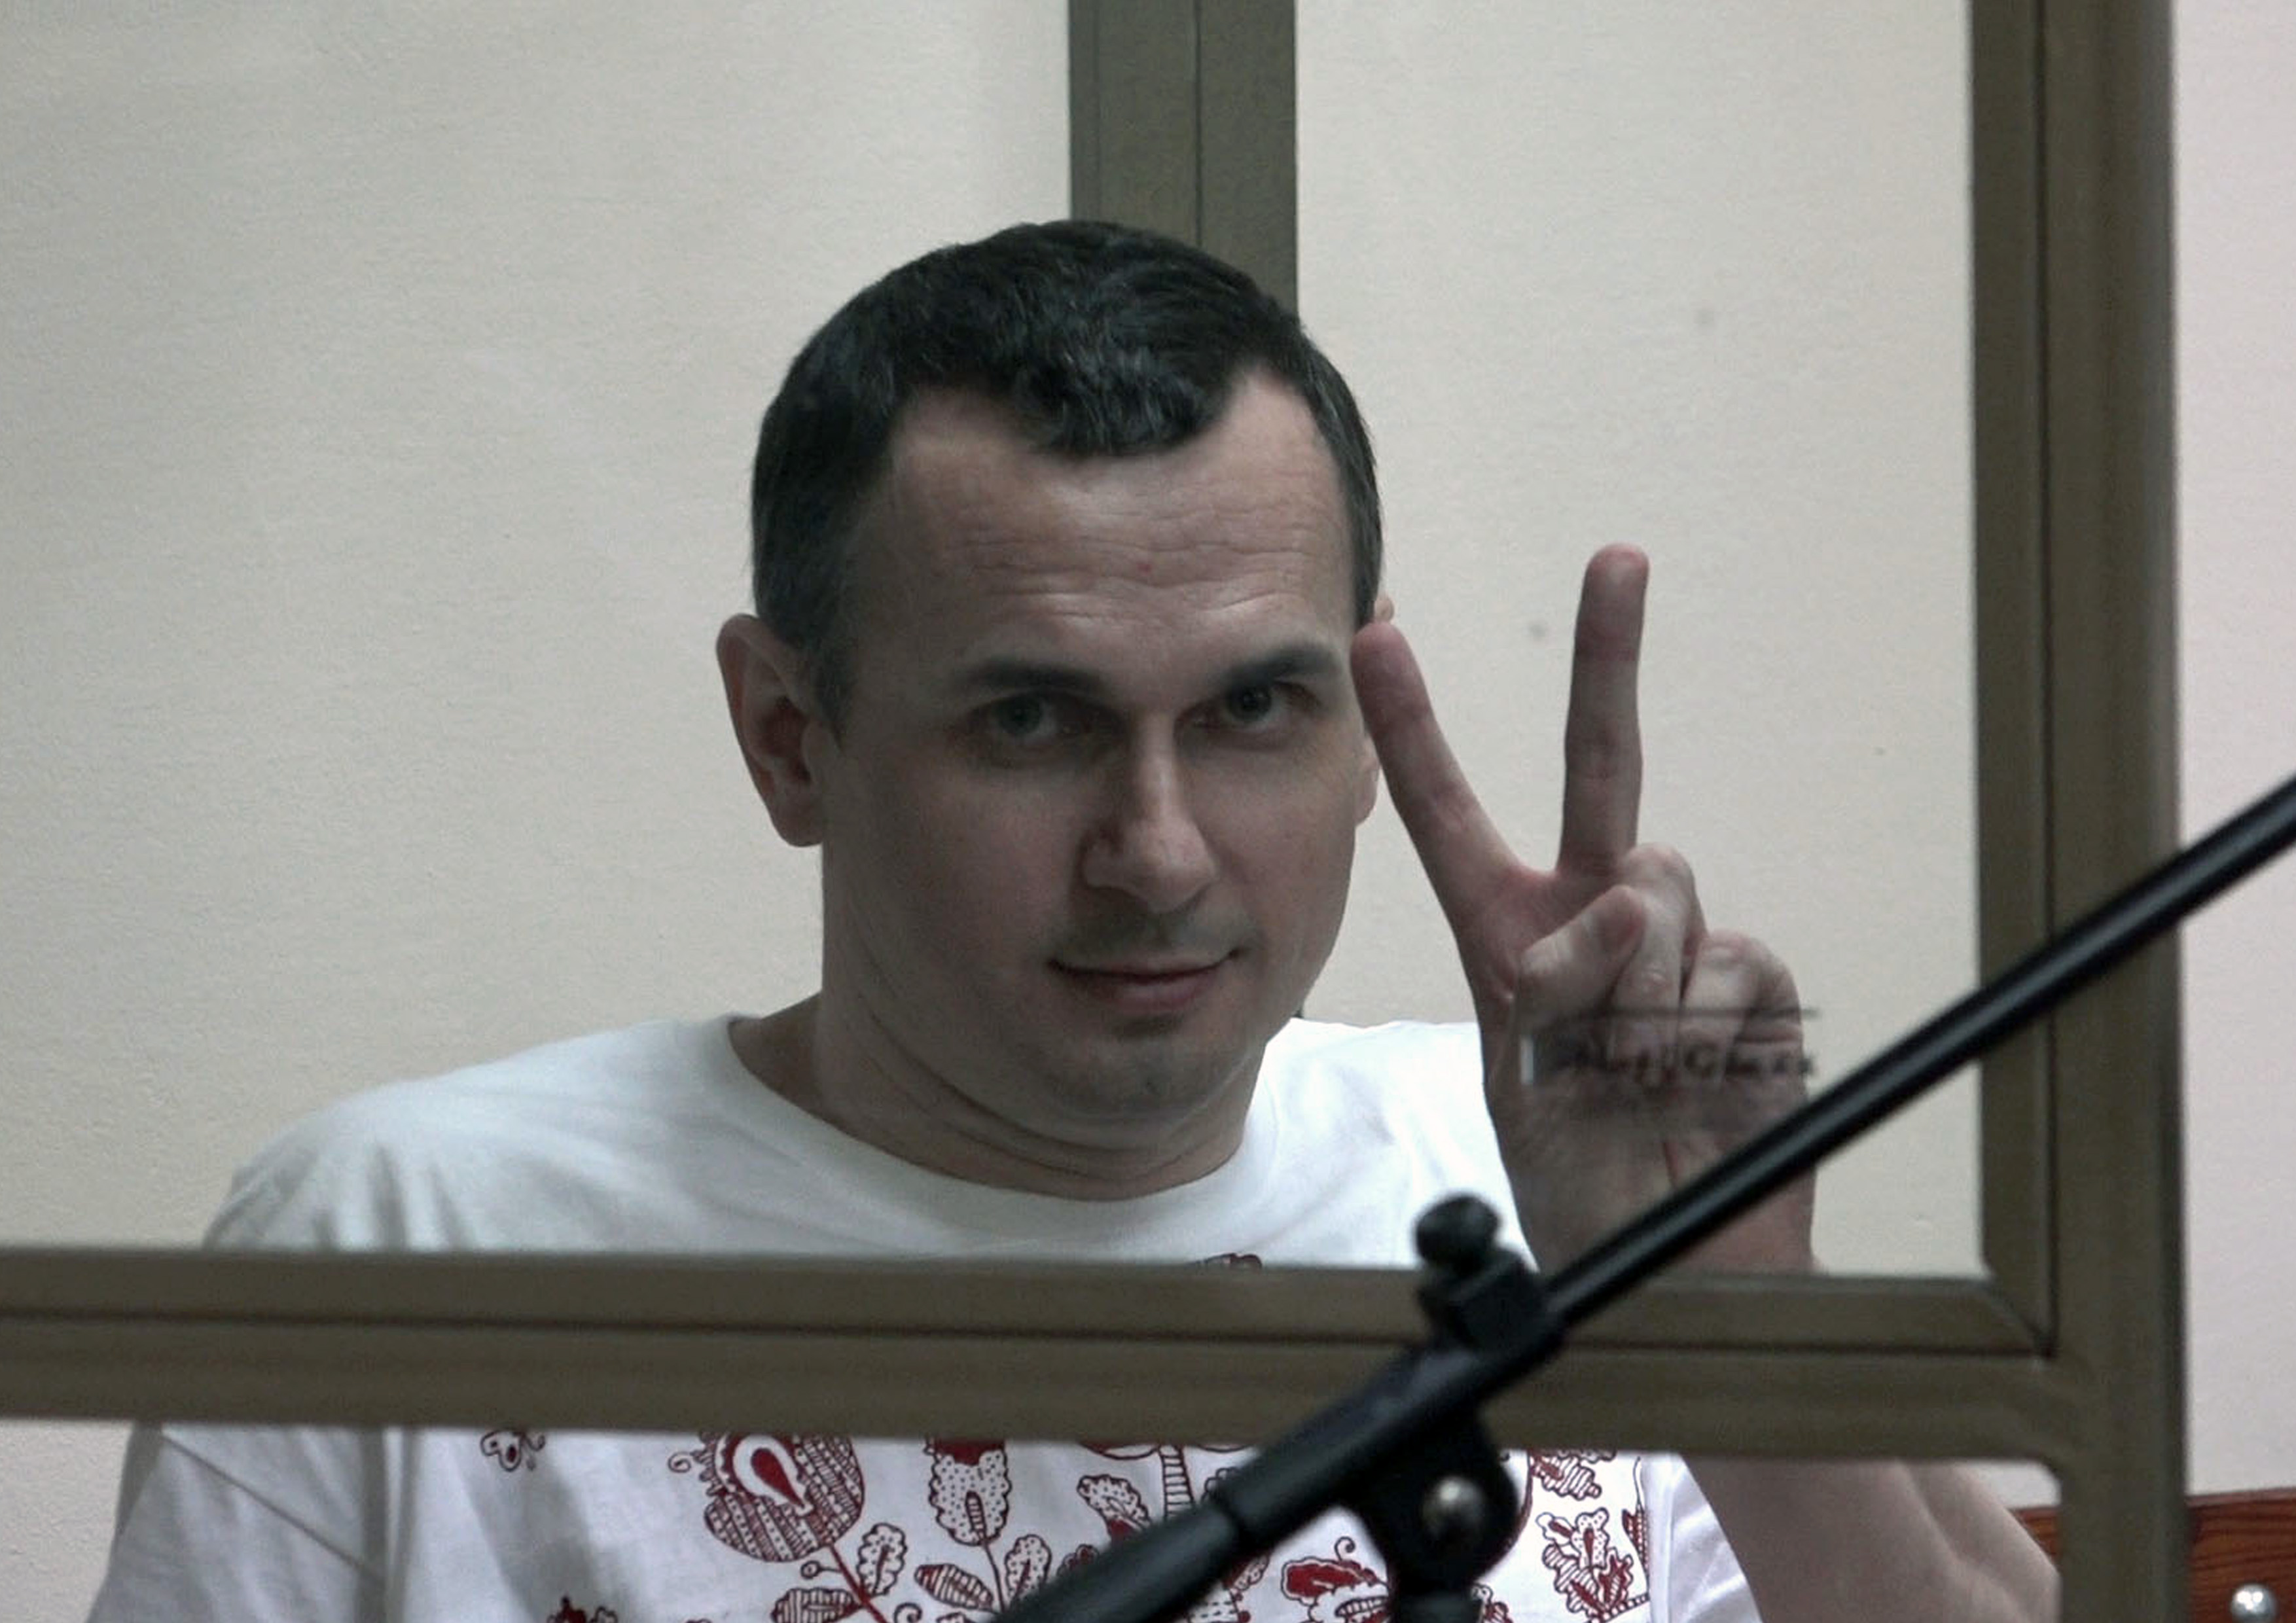 Євросоюз очікує від Росії надання Сенцову необхідного лікування і звільнення всіх незаконно затриманих українців